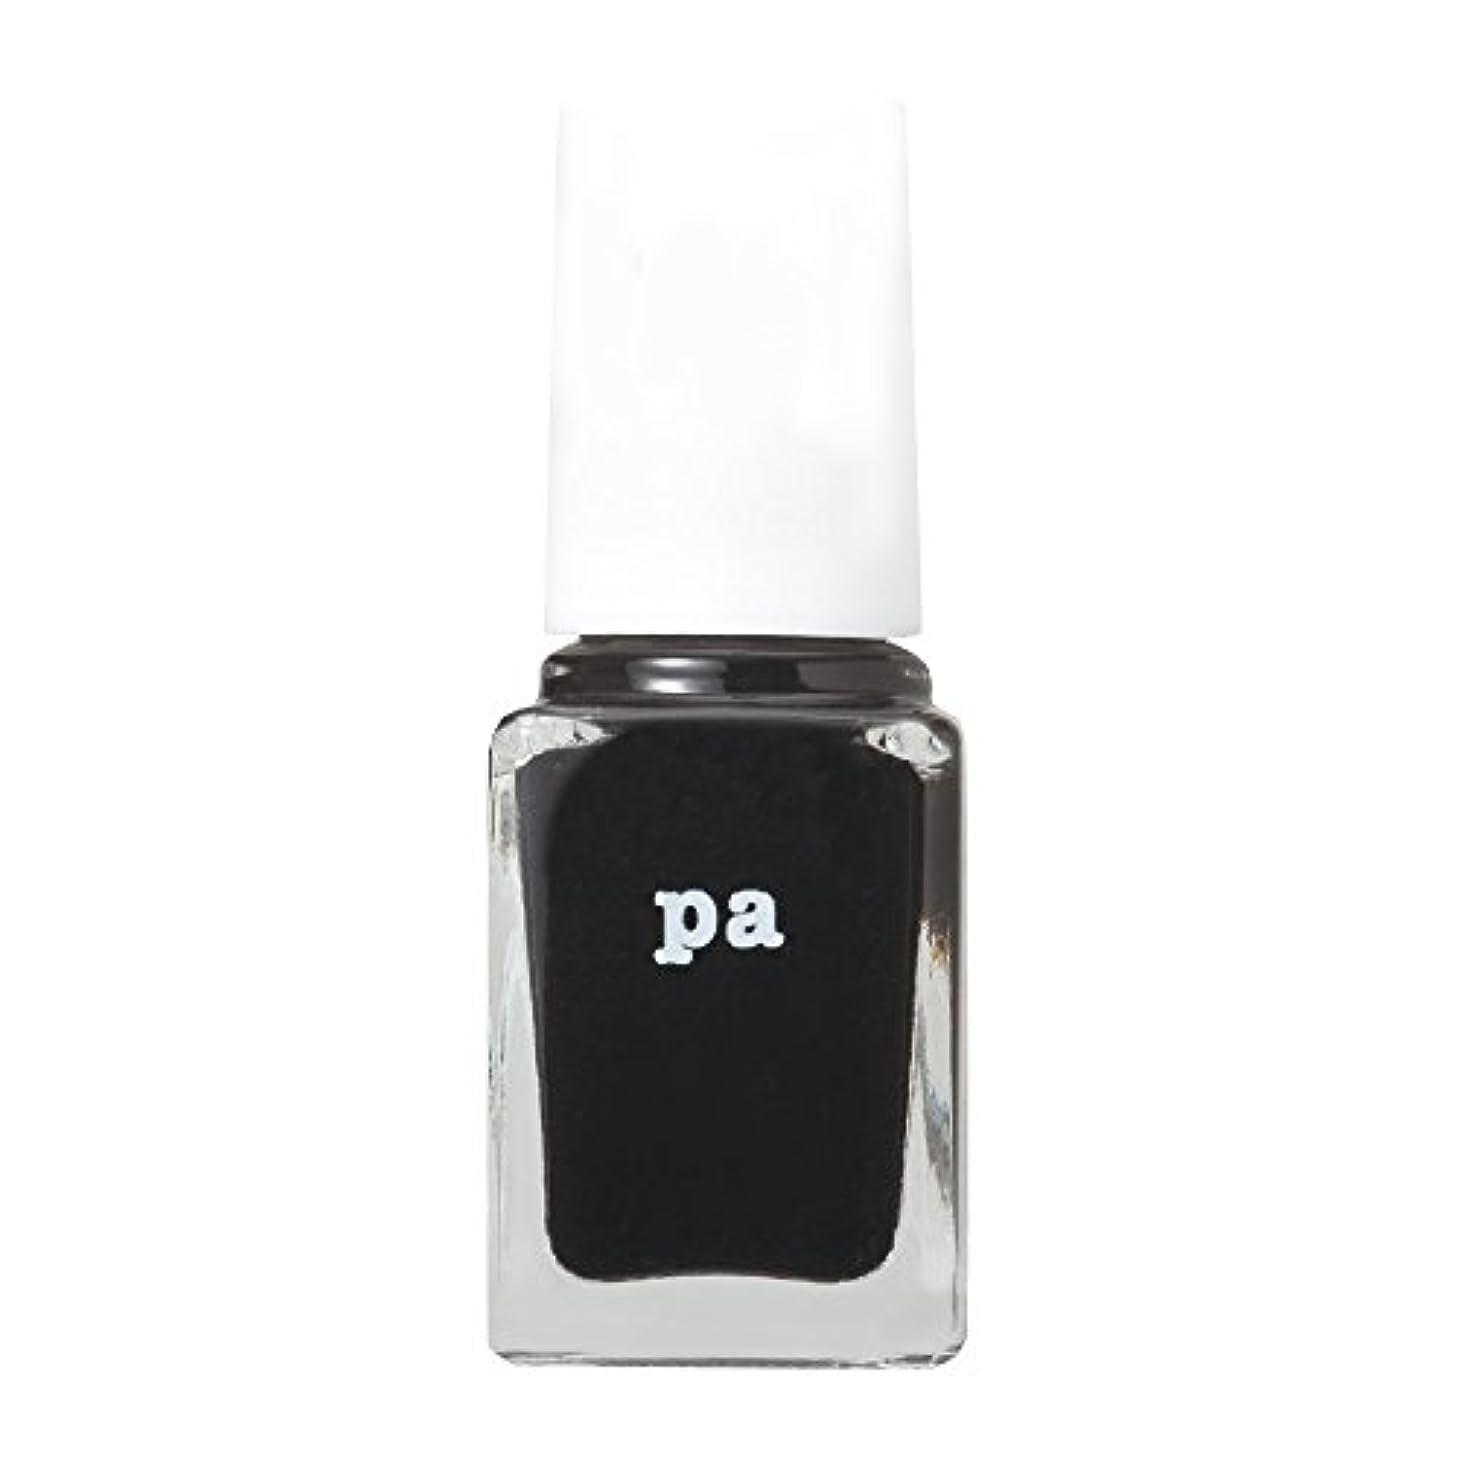 pa ネイルカラー プレミア AA181 (6mL)